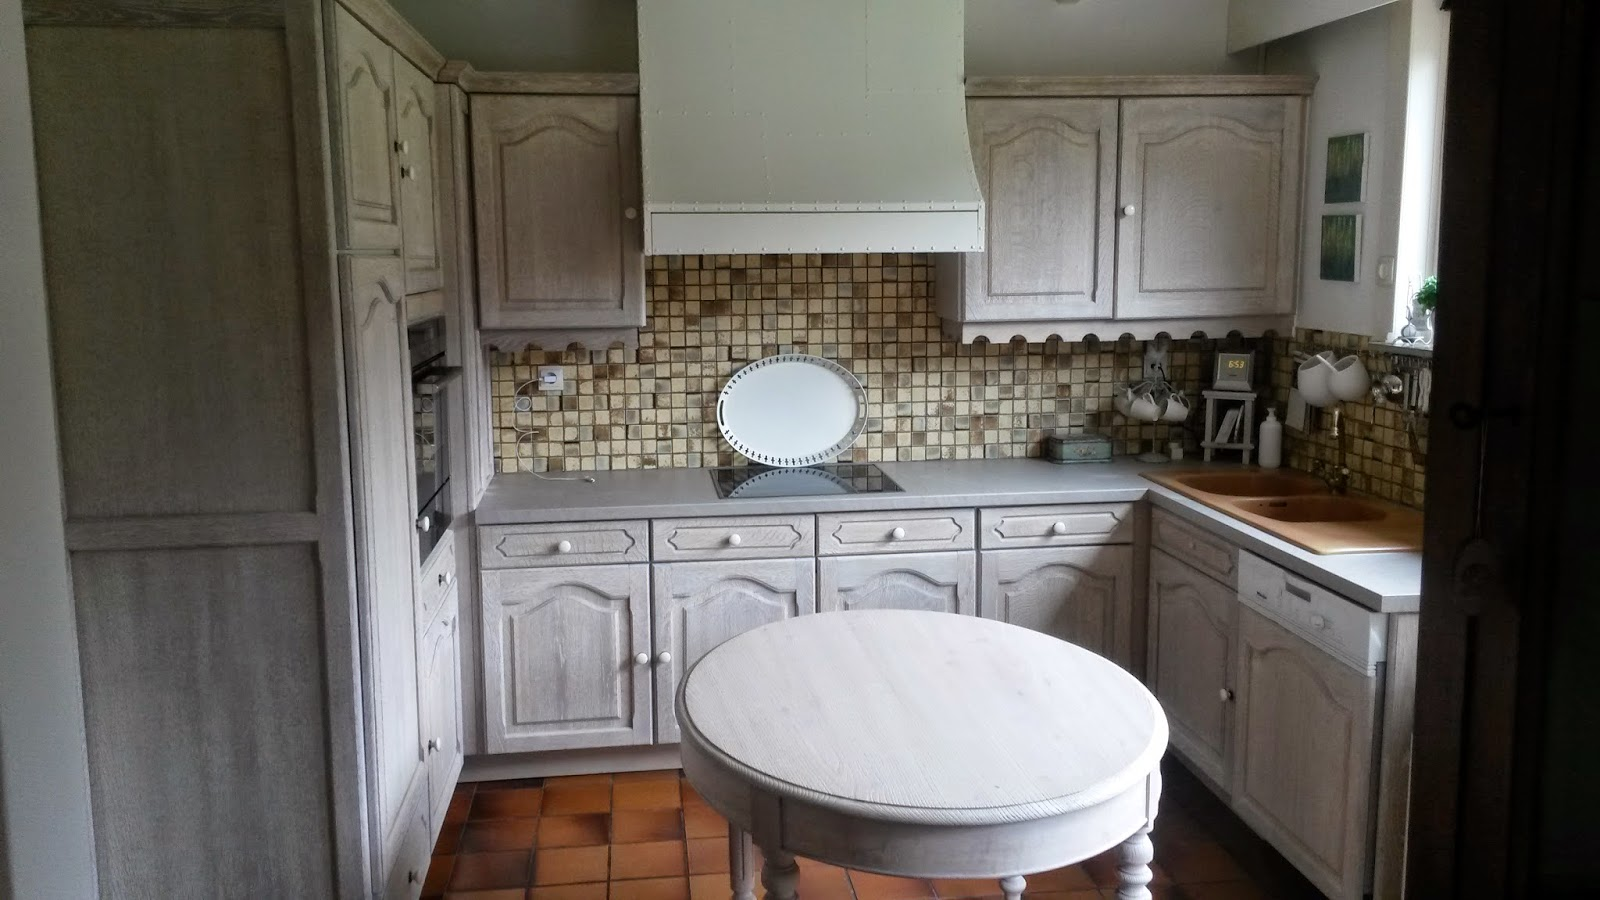 Keuken Laten Zandstralen : Meubelrenovatie: Renovatie van een eiken keuken